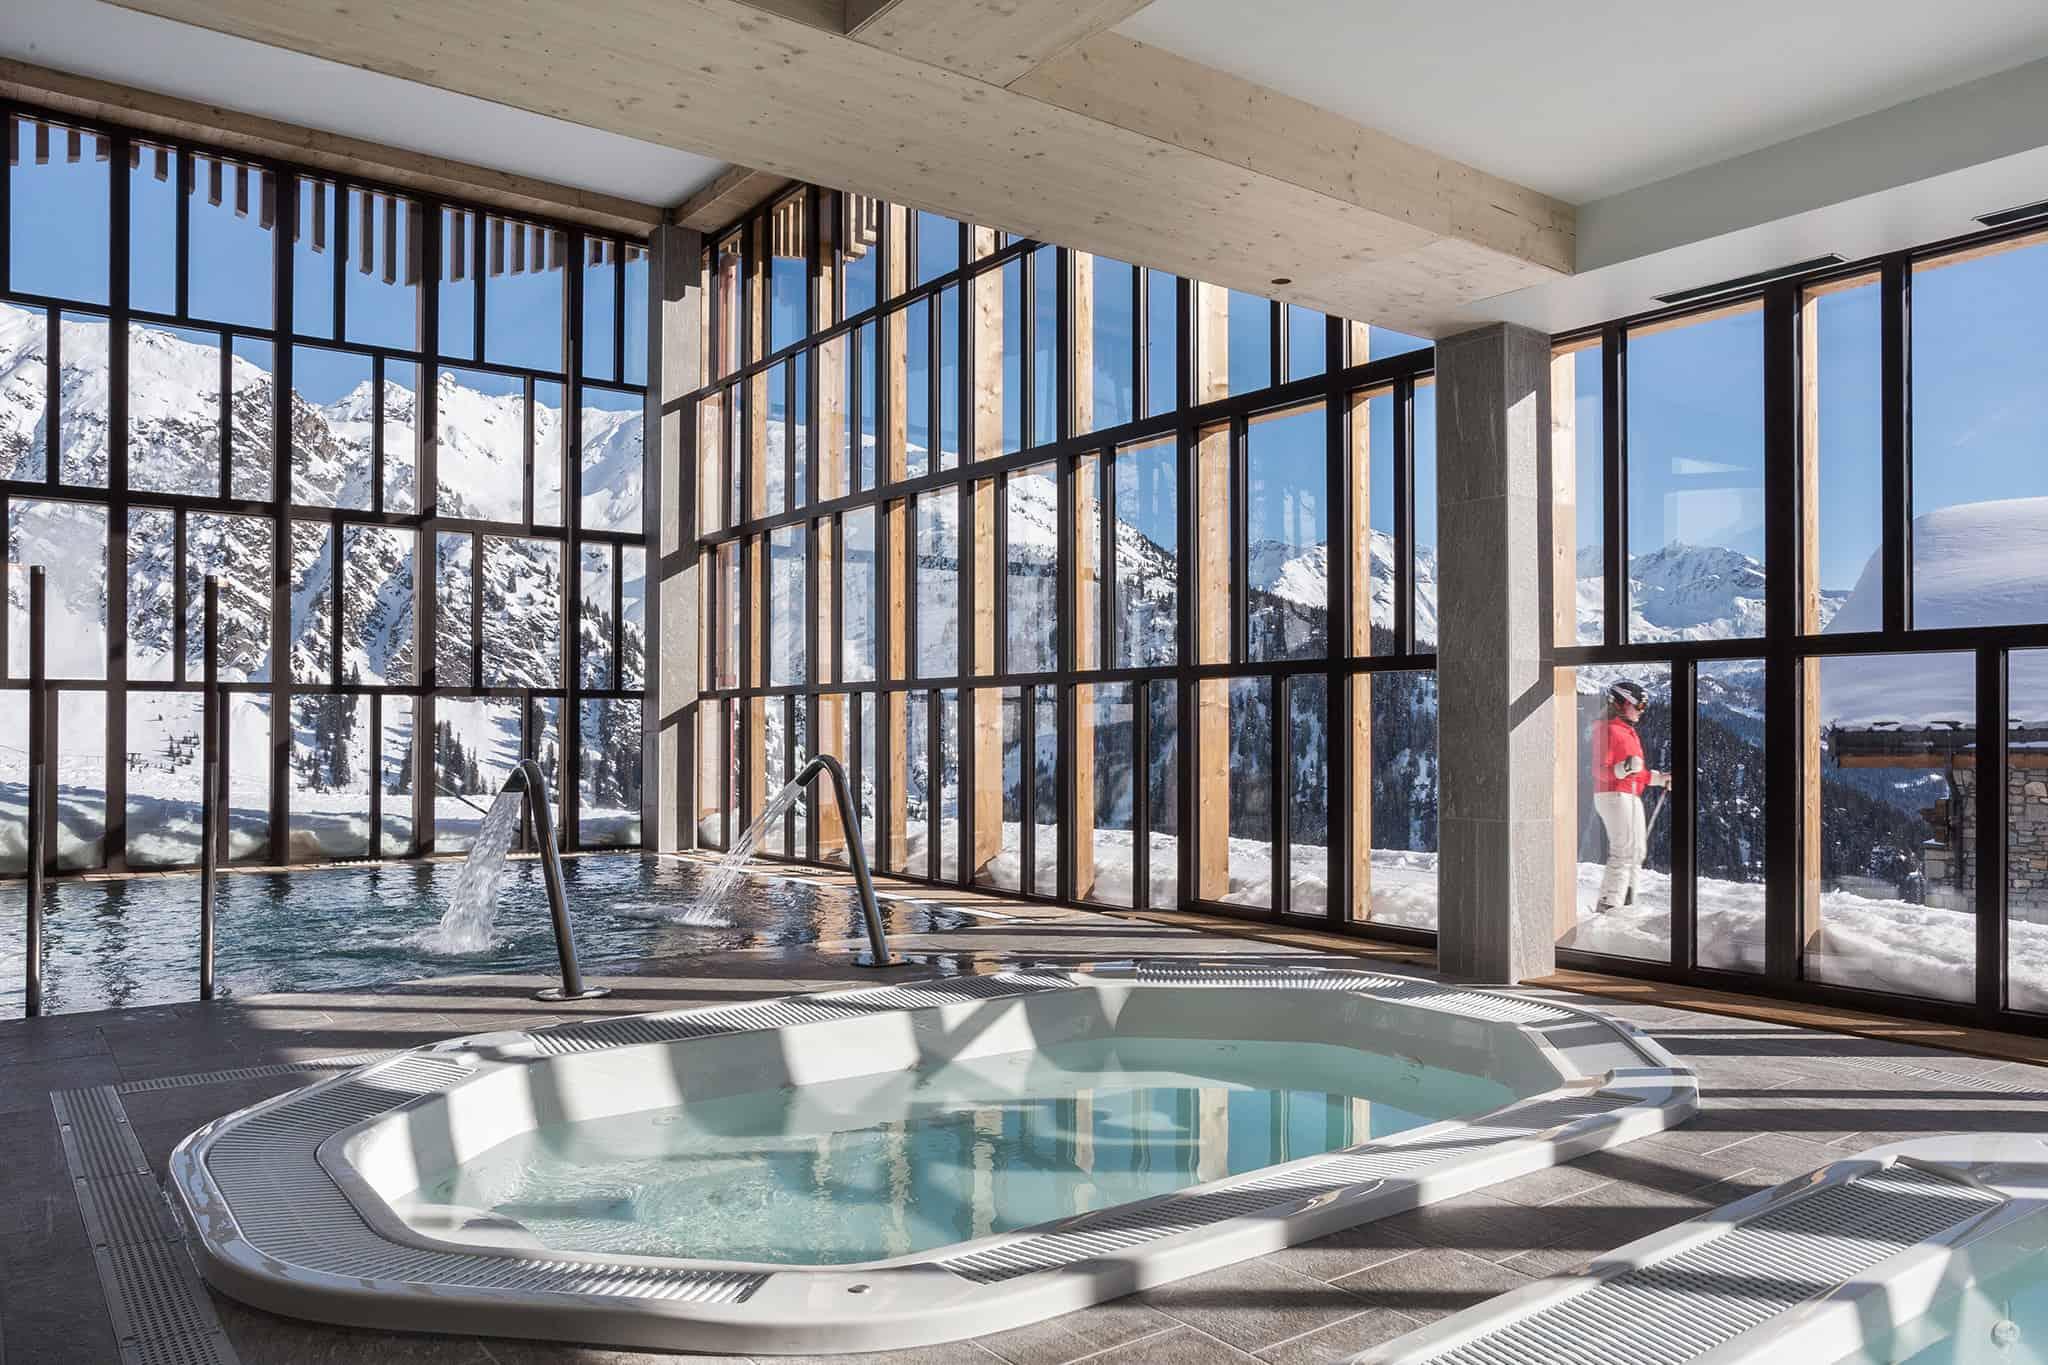 Bains – Bulles Espace Bien-être Hôtel Alparena